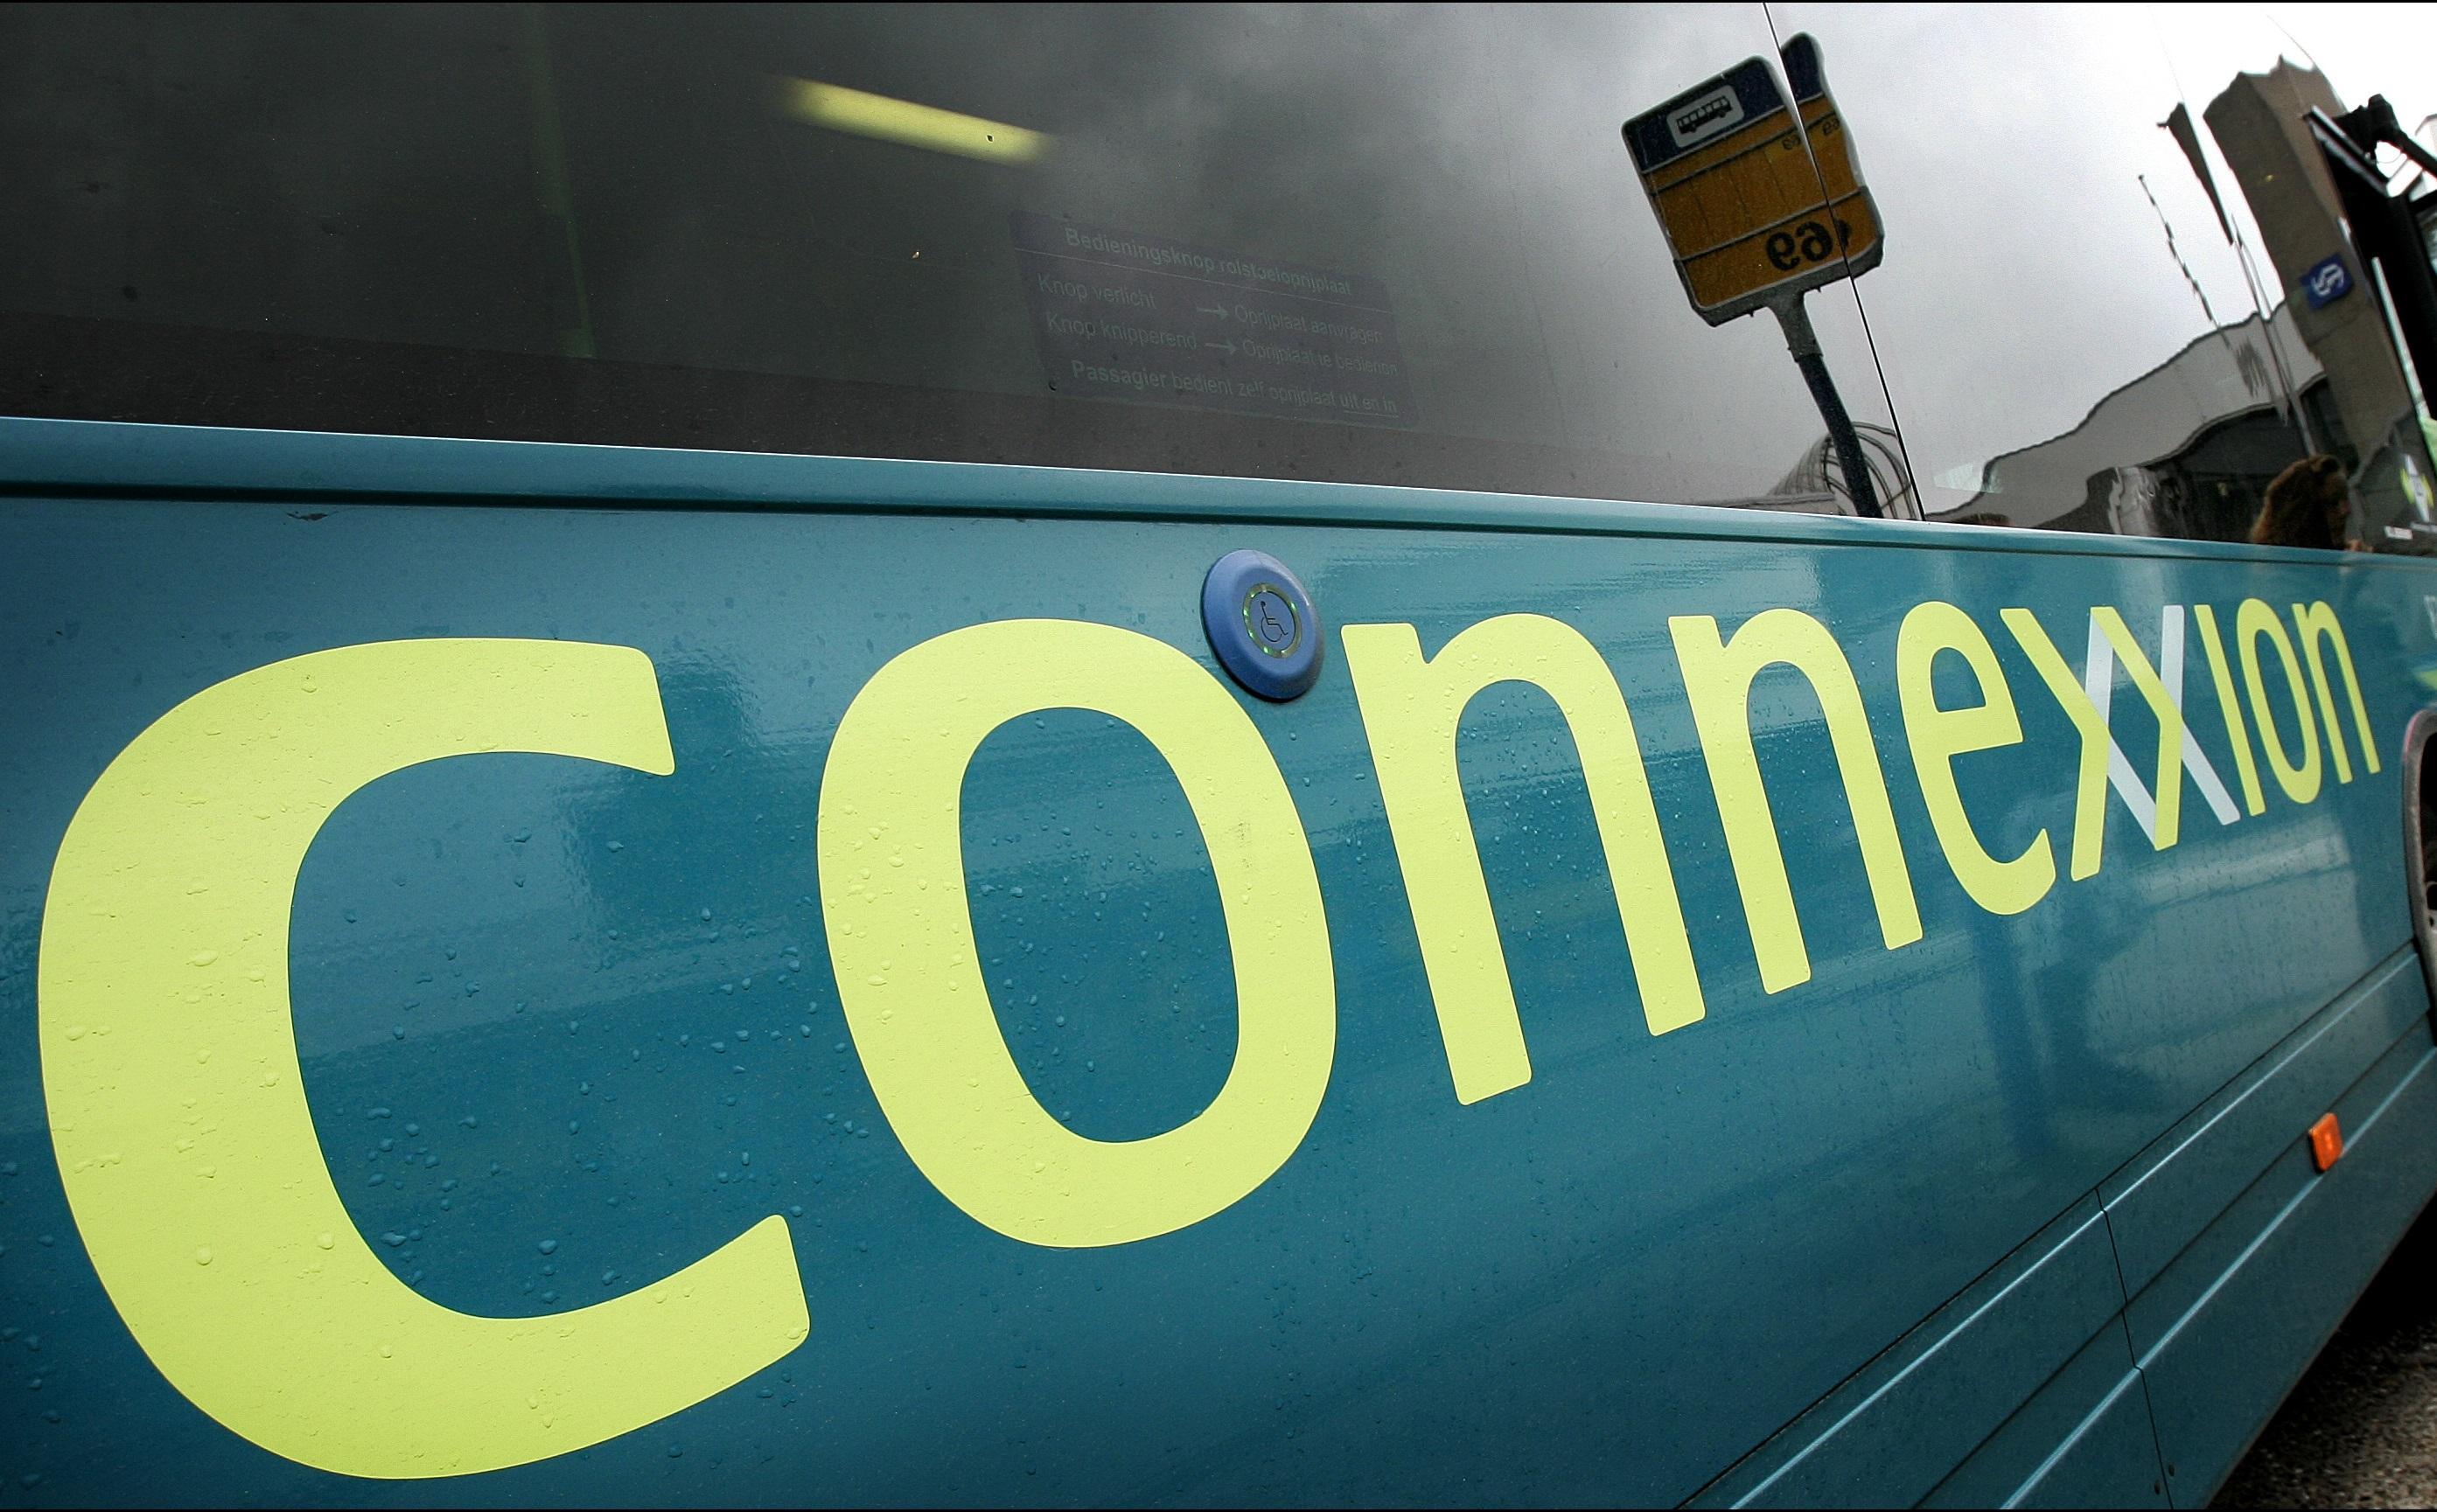 Connexxion schrapt door corona helft van busritten op diverse trajecten in regio Alkmaar. 'We worden hard geraakt, hebben te maken met een flinke omzetdaling'